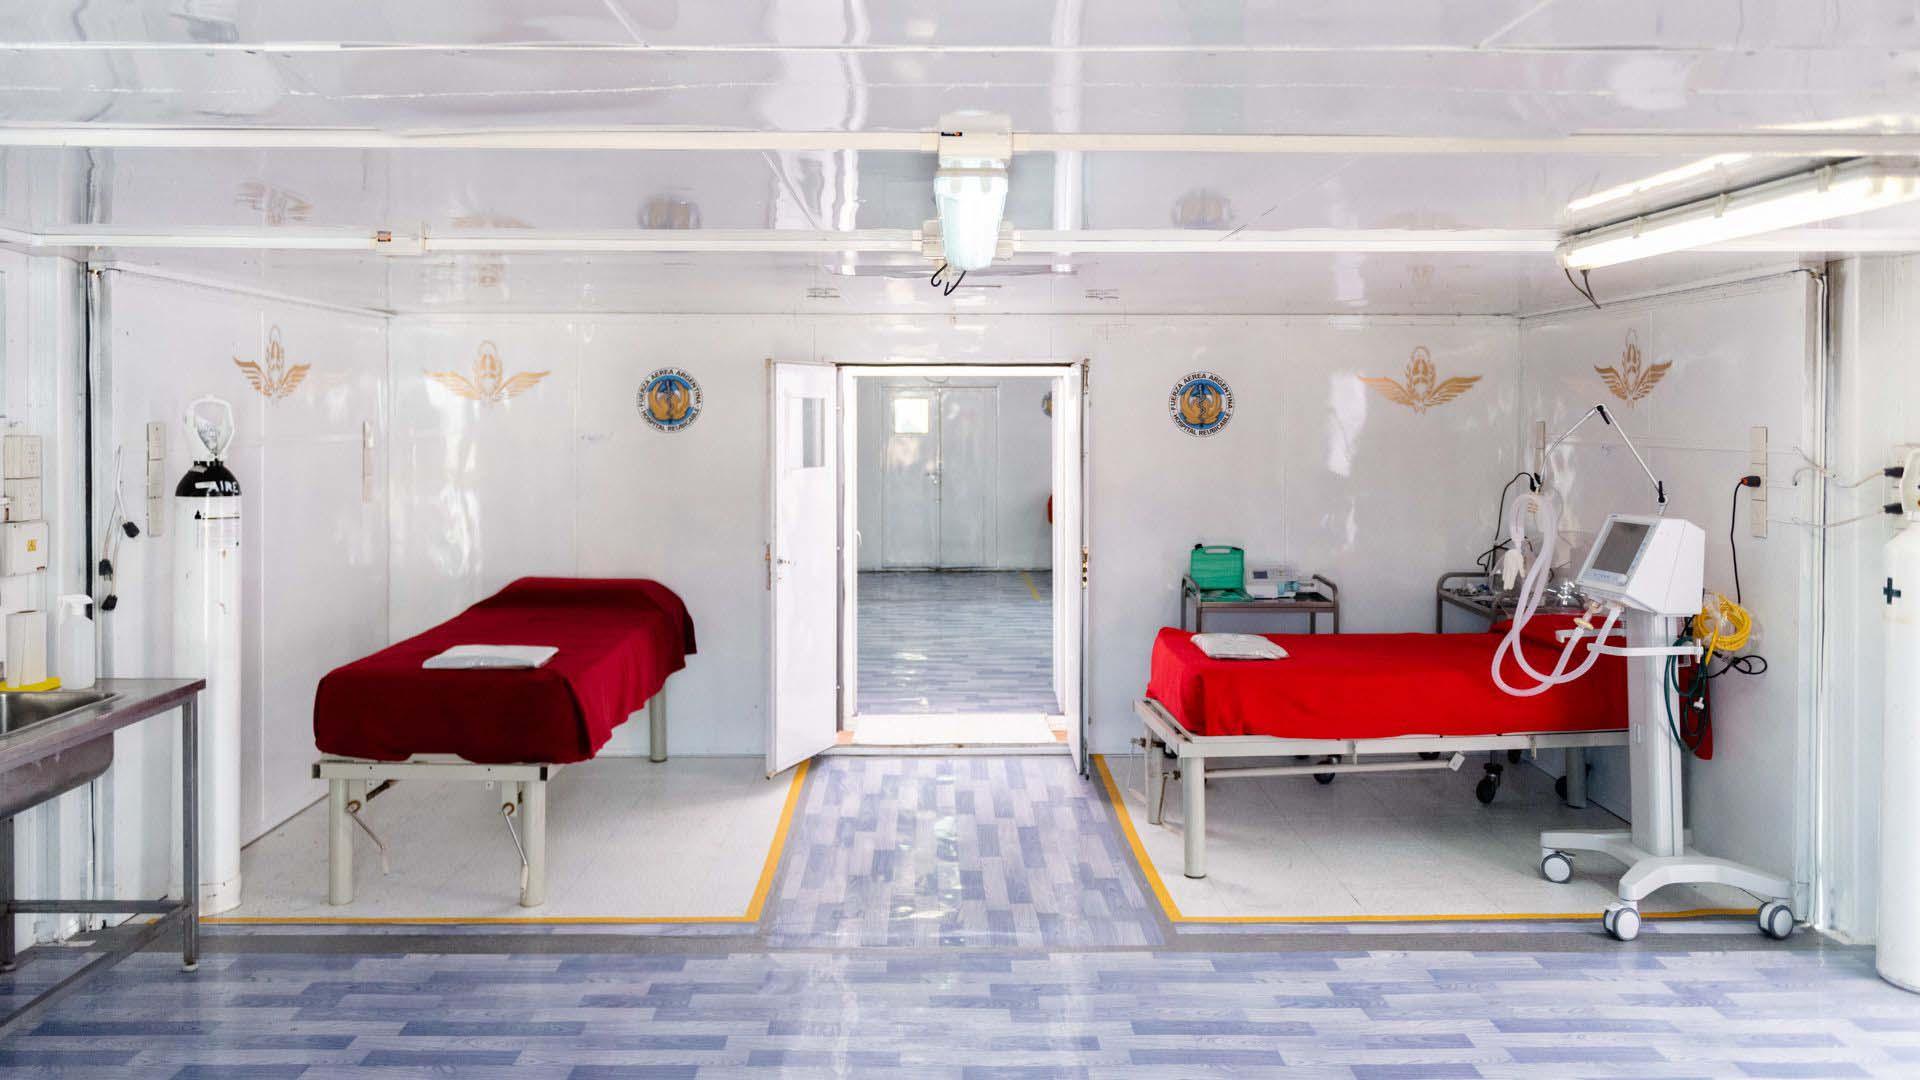 """Inauguración del centro de aislamiento y atención médica 'Bahía Esperanza' (Caambe) forma parte de las acciones desarrolladas en todo el país por las Fuerzas Armadas en el marco del operativo """"General Manuel Belgrano"""" ante la emergencia por Covid-19"""